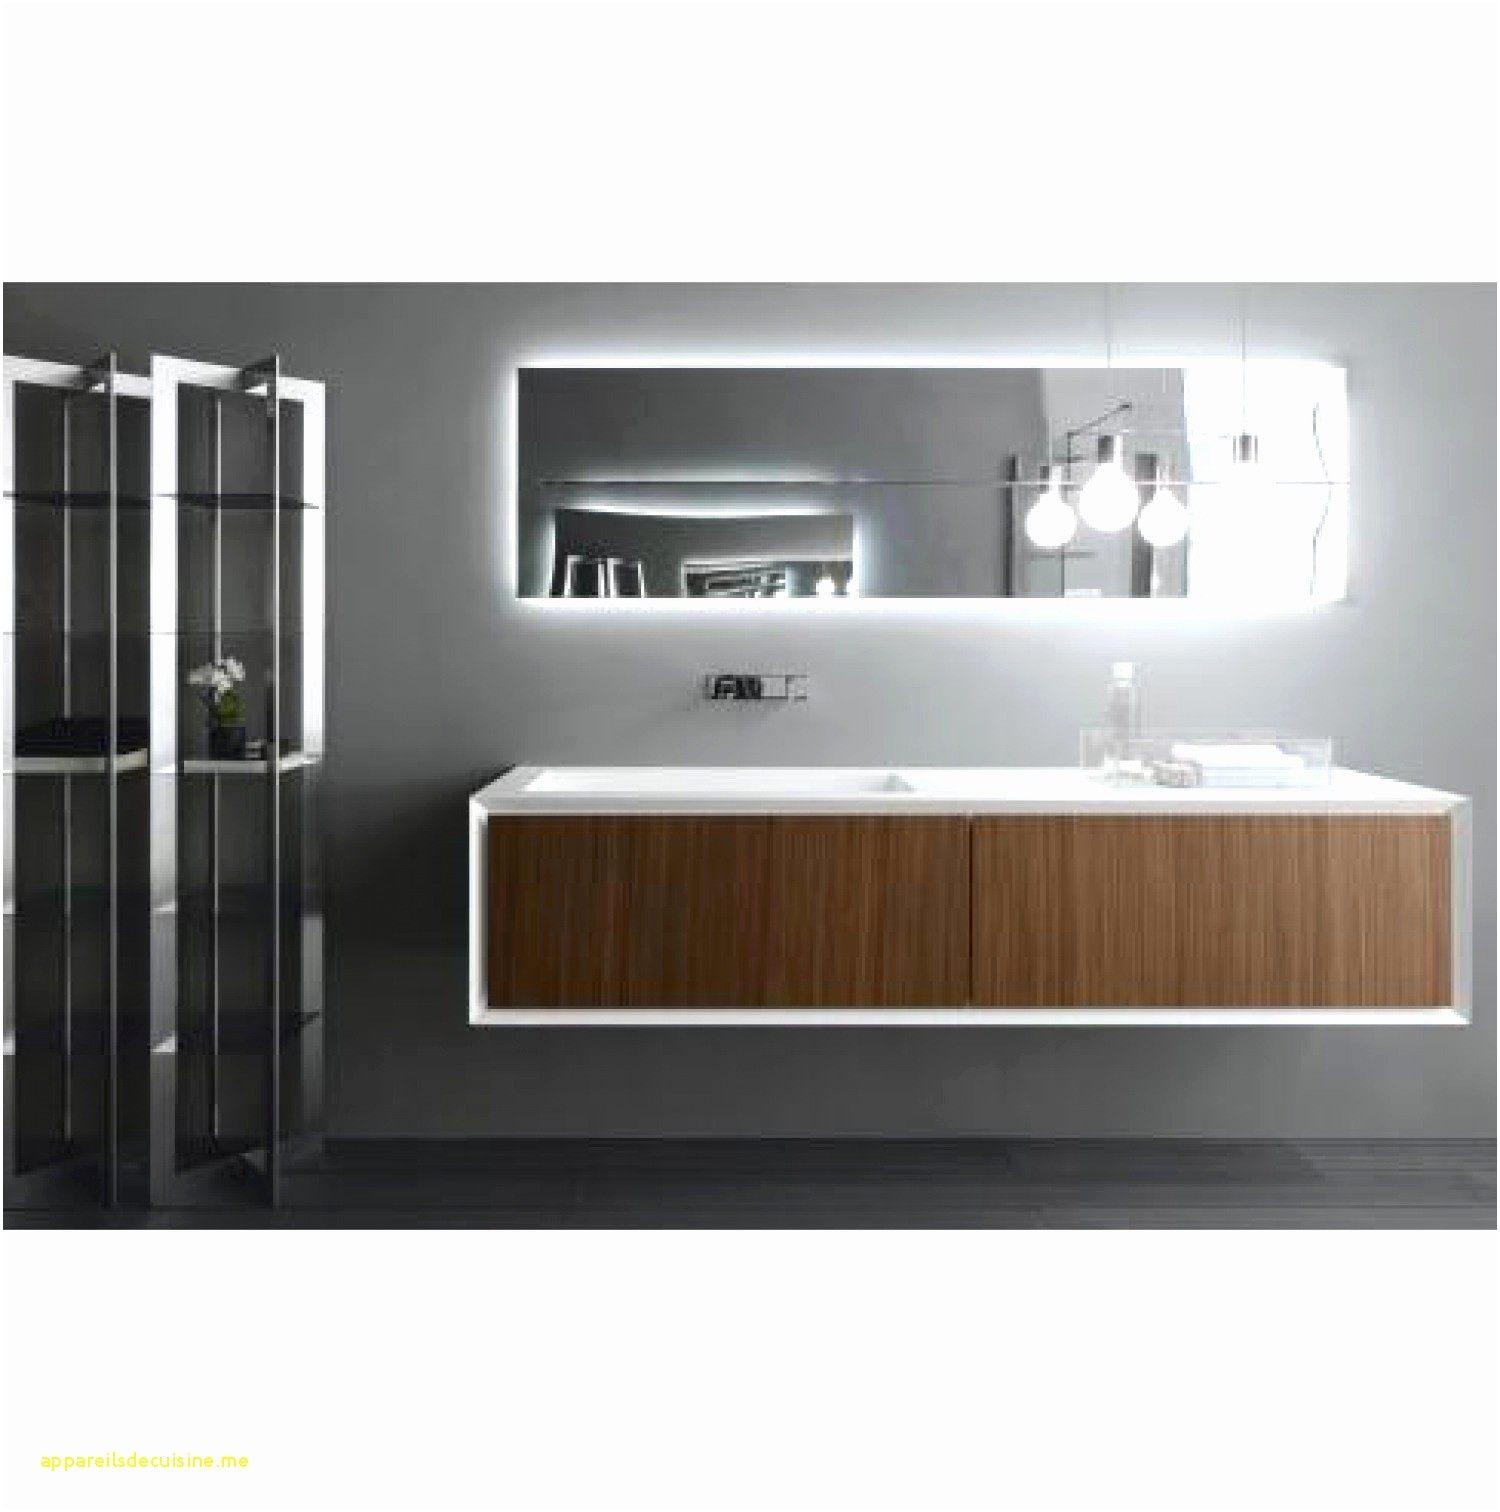 meuble de salle de bain design nouveau lavabo salle bain meuble lavabo bois inspirant robinet cuivre 0d de meuble de salle de bain design